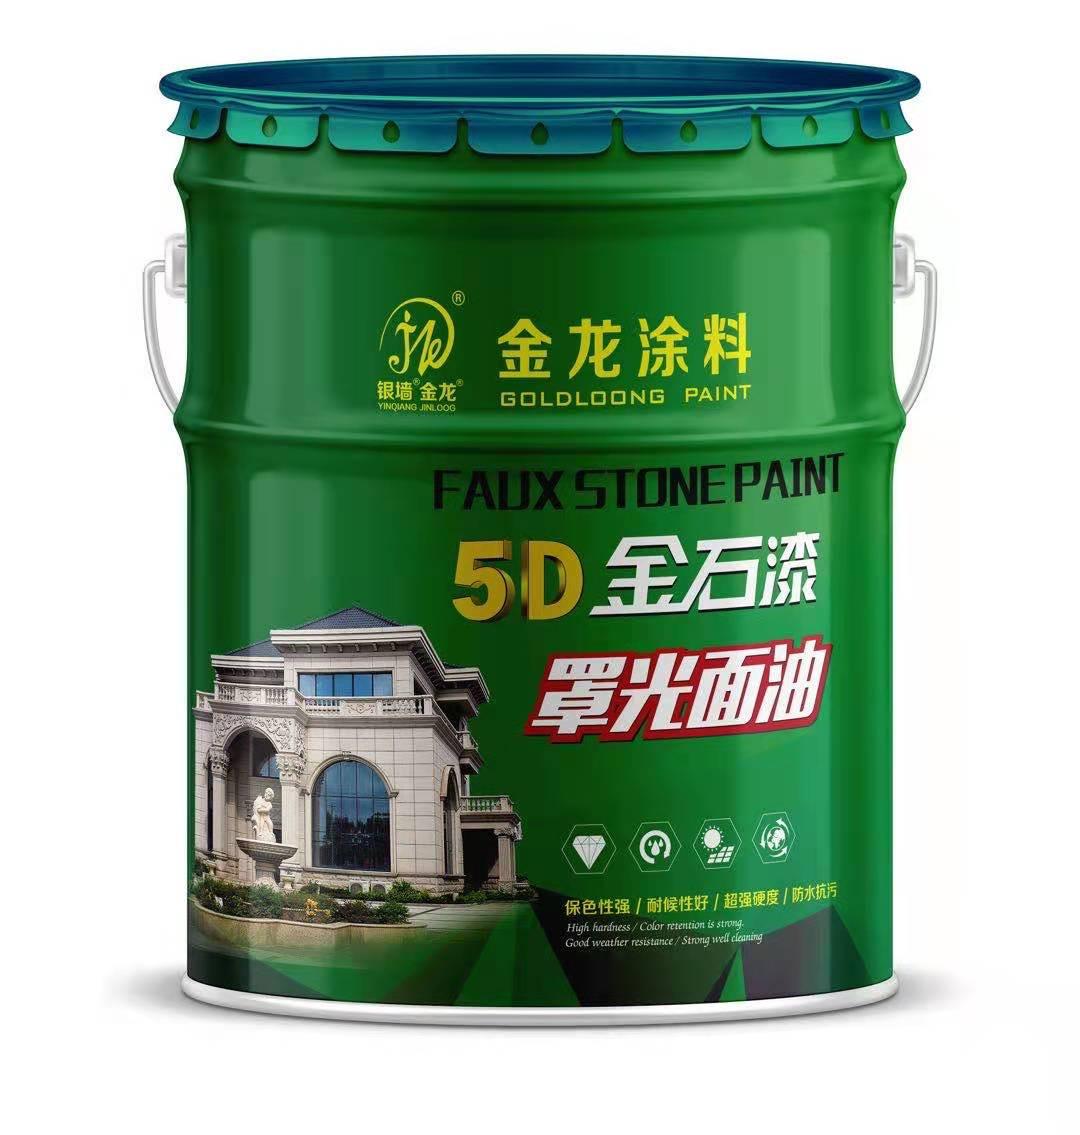 5D金石漆釉瓷亮光面油